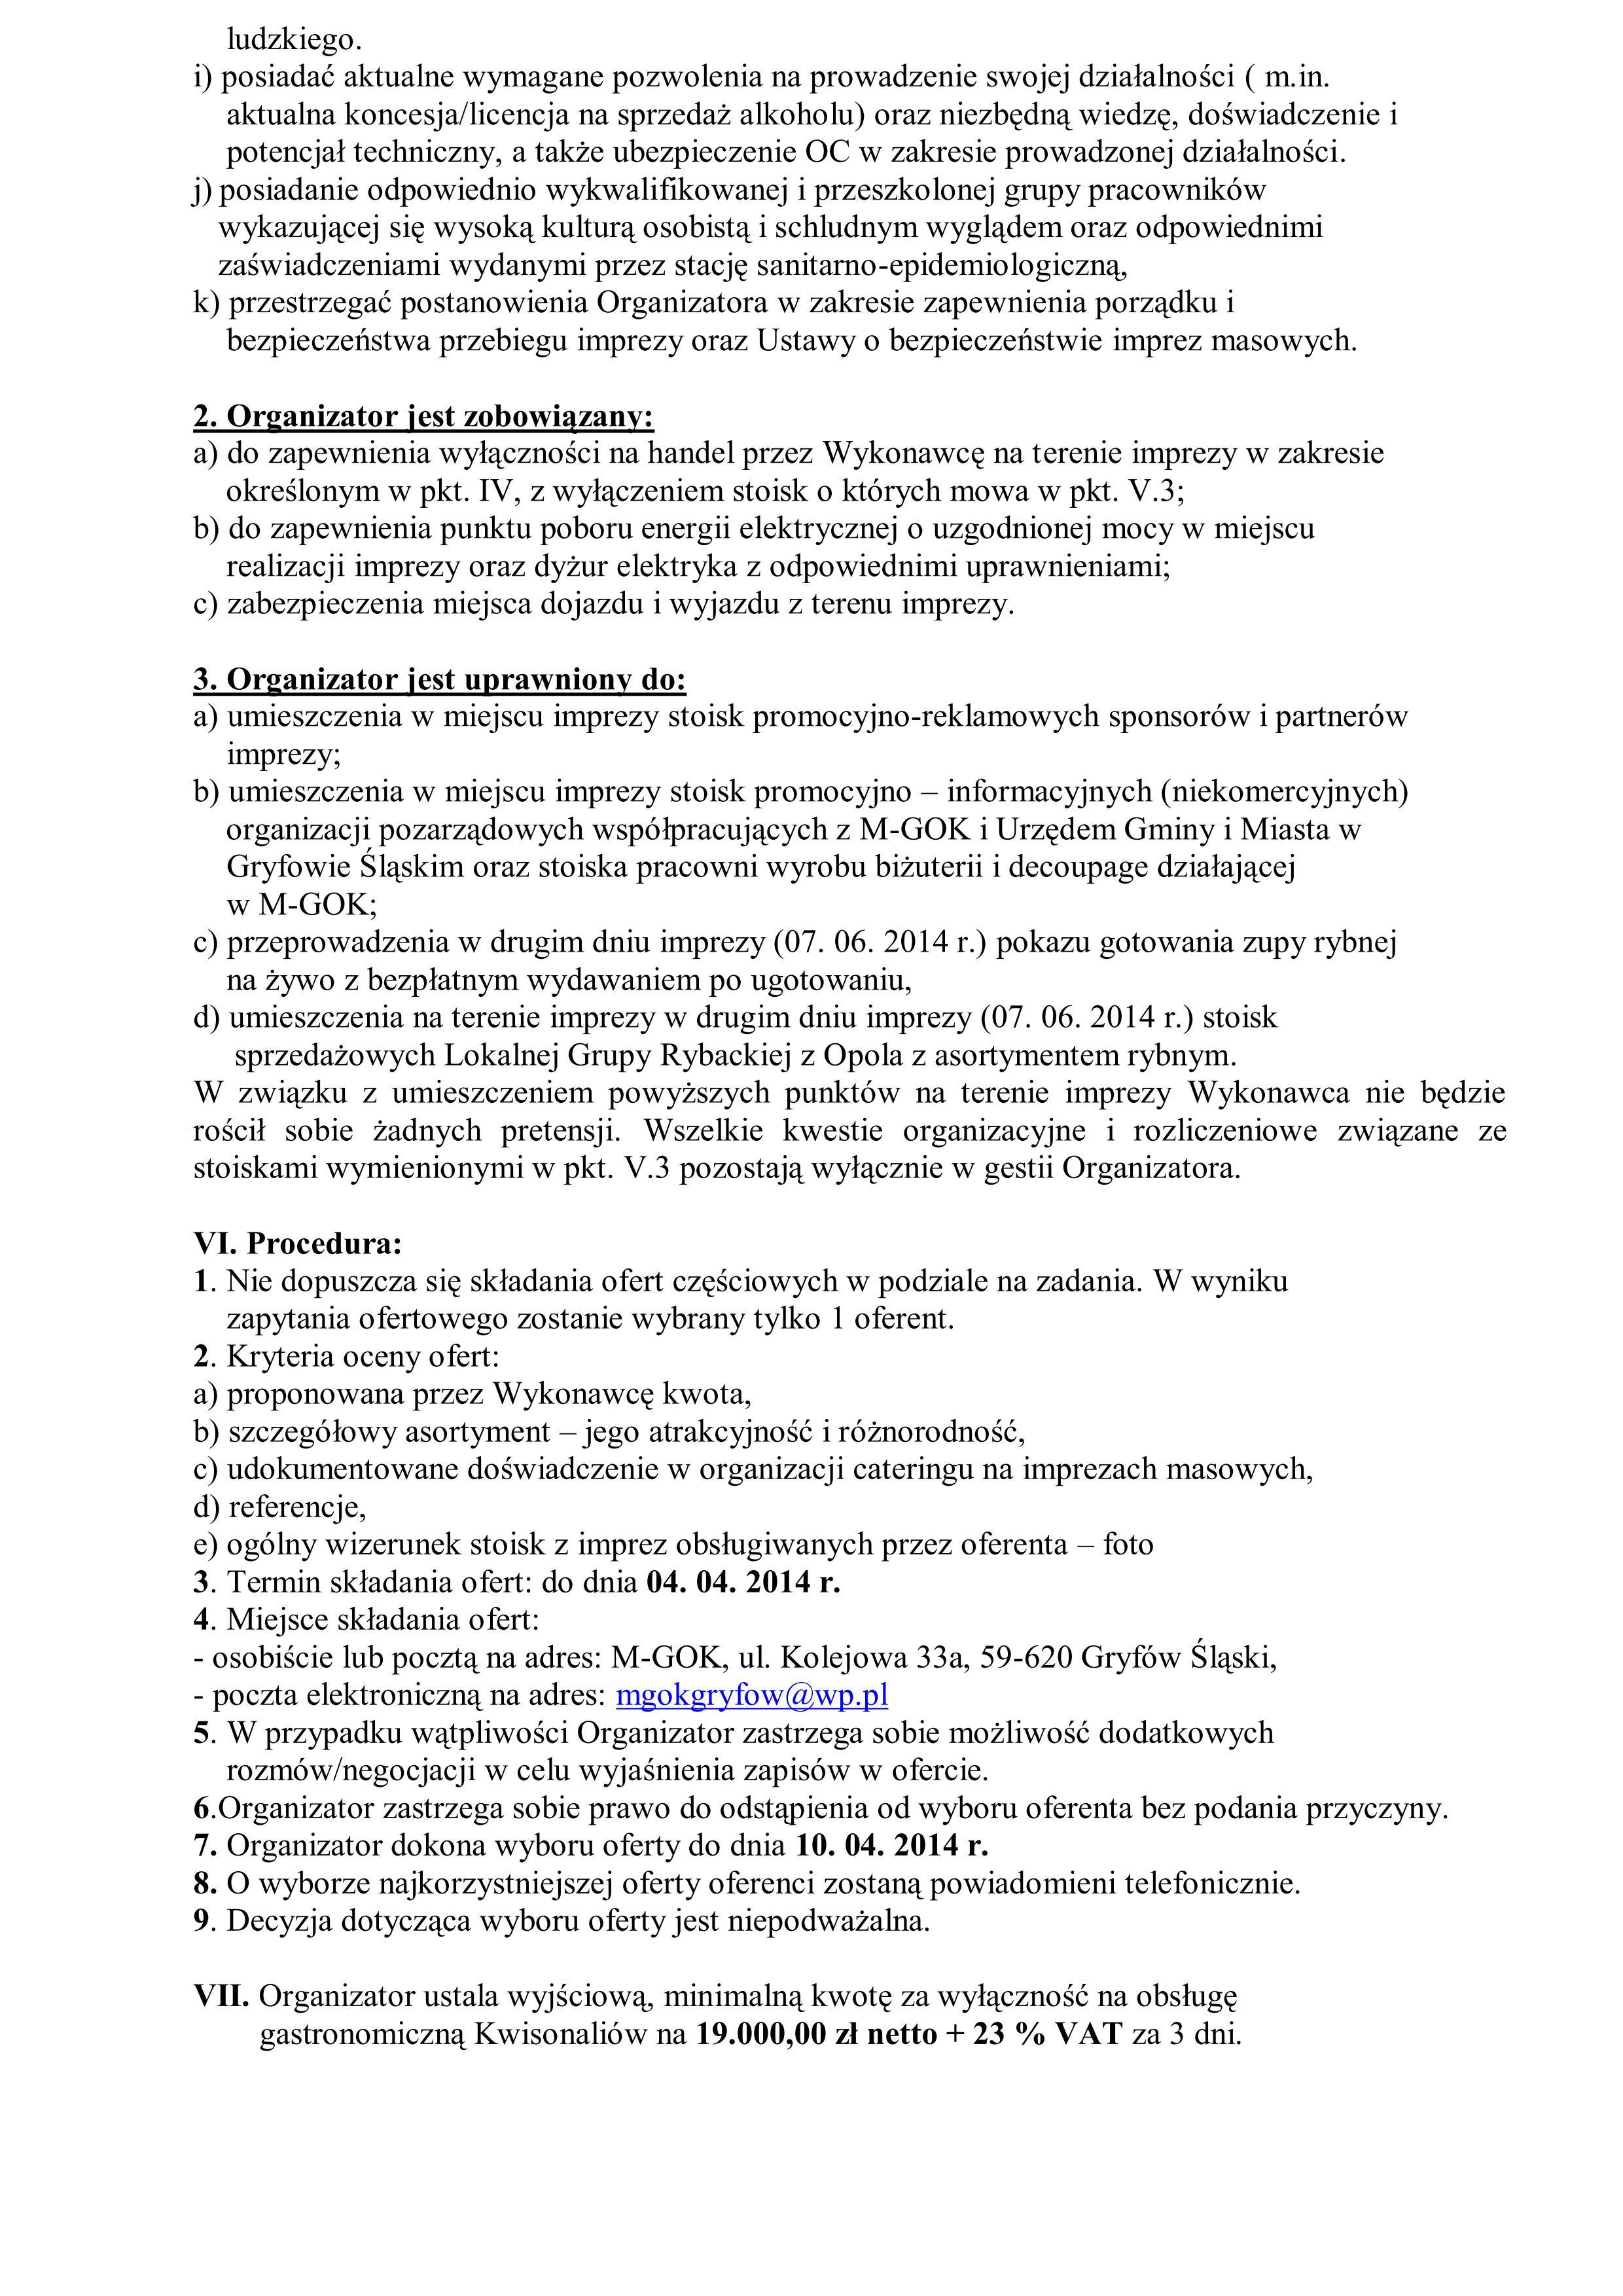 ZAPROSZENIE DO SKŁADANIA OFERT NA OBSŁUGĘ GASTRONOMICZNĄ IMPREZY MASOWEJ_02